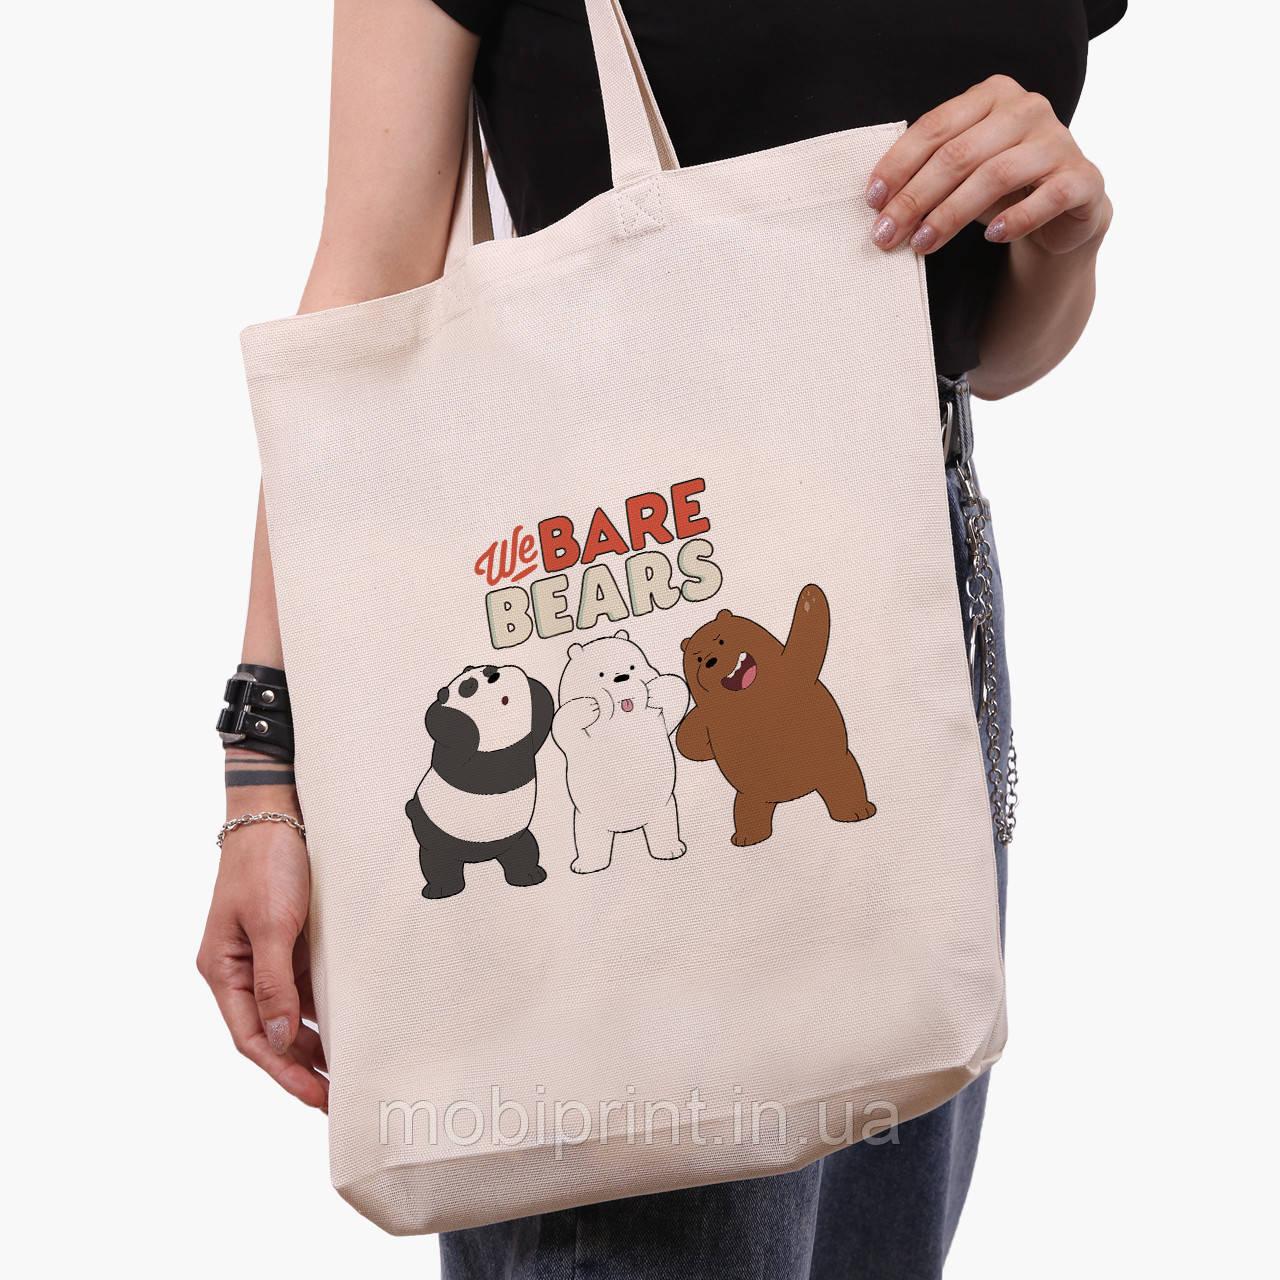 Еко сумка шоппер біла Вся правда про ведмедів (We Bare Bears) (9227-2667-1) 41*39*8 см